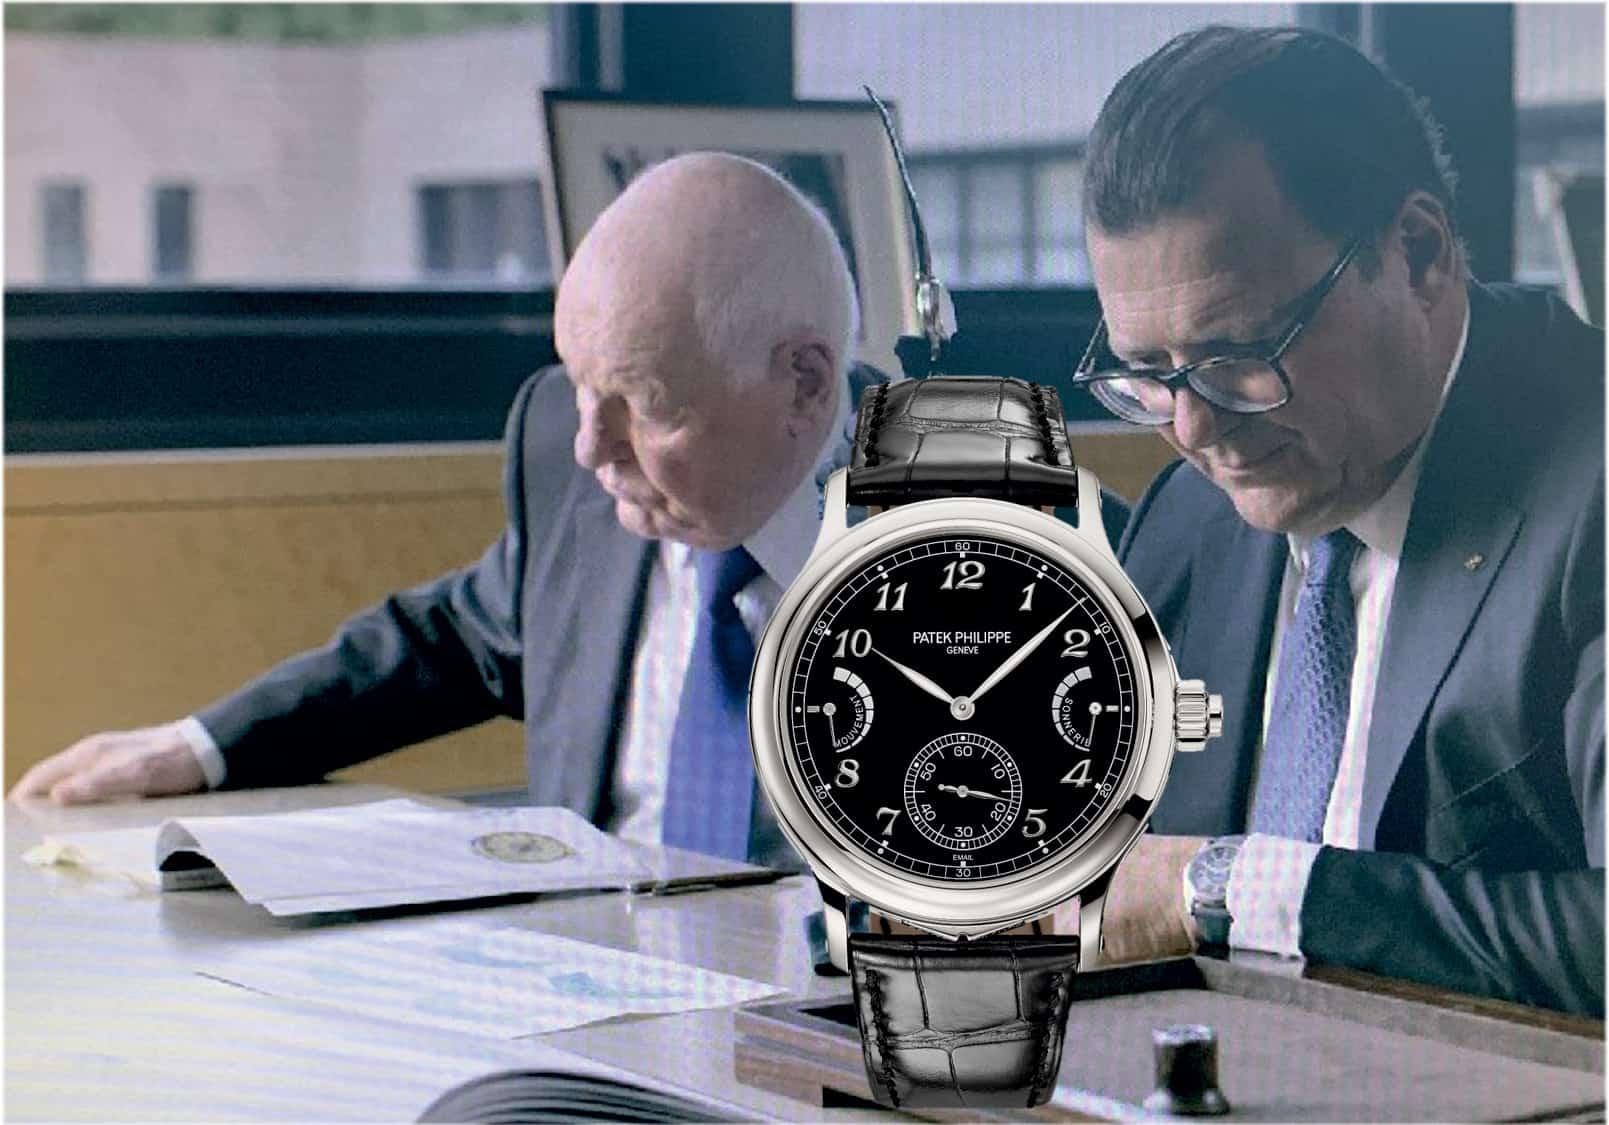 Philippe Stern und Thierry Stern mit Patek Philippe Referenz 6301P Grande Sonnerie Uhrenkosmos